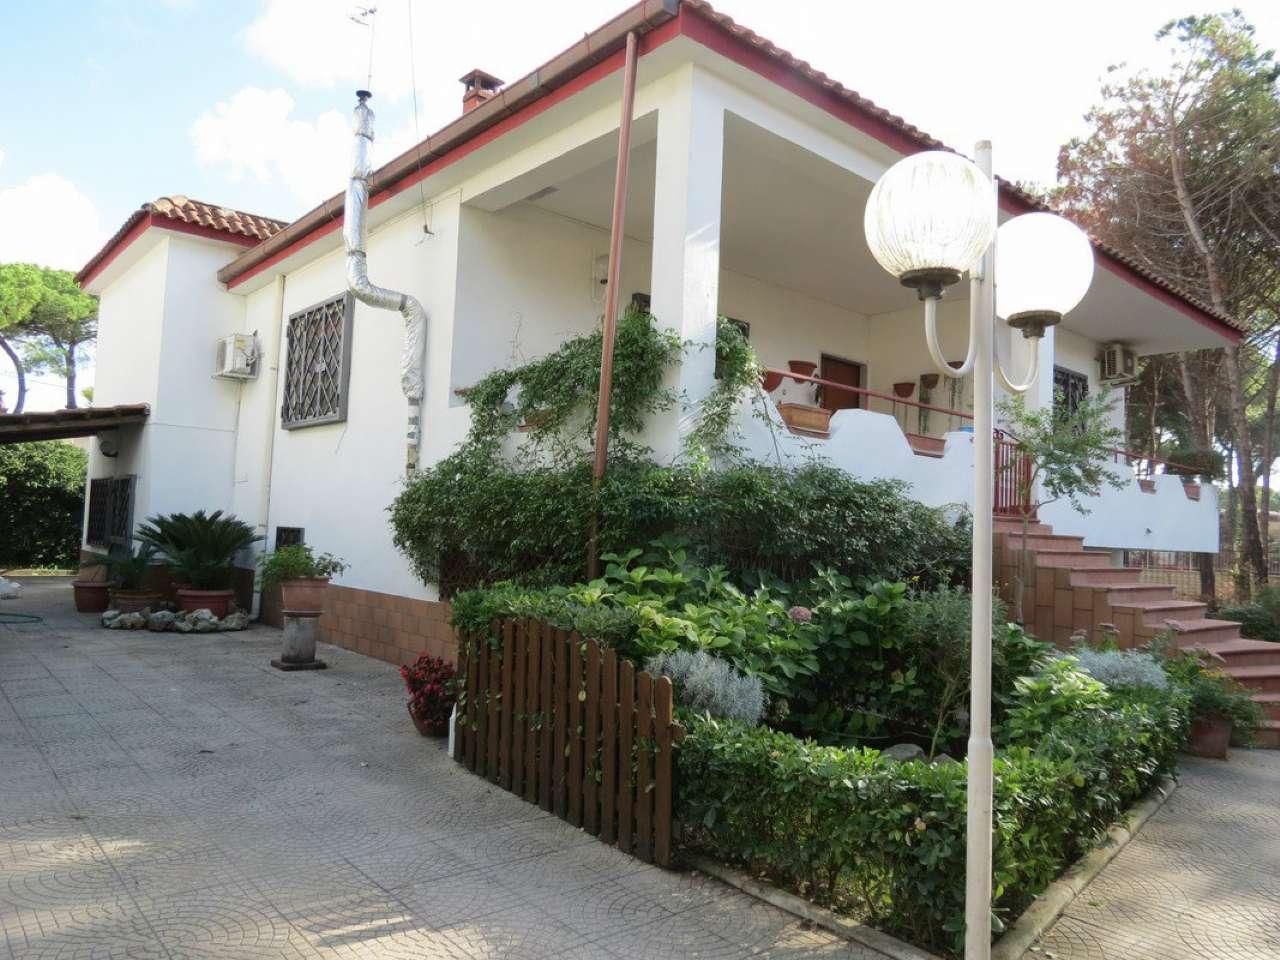 Villa in vendita a Castel Volturno, 6 locali, prezzo € 85.000 | CambioCasa.it